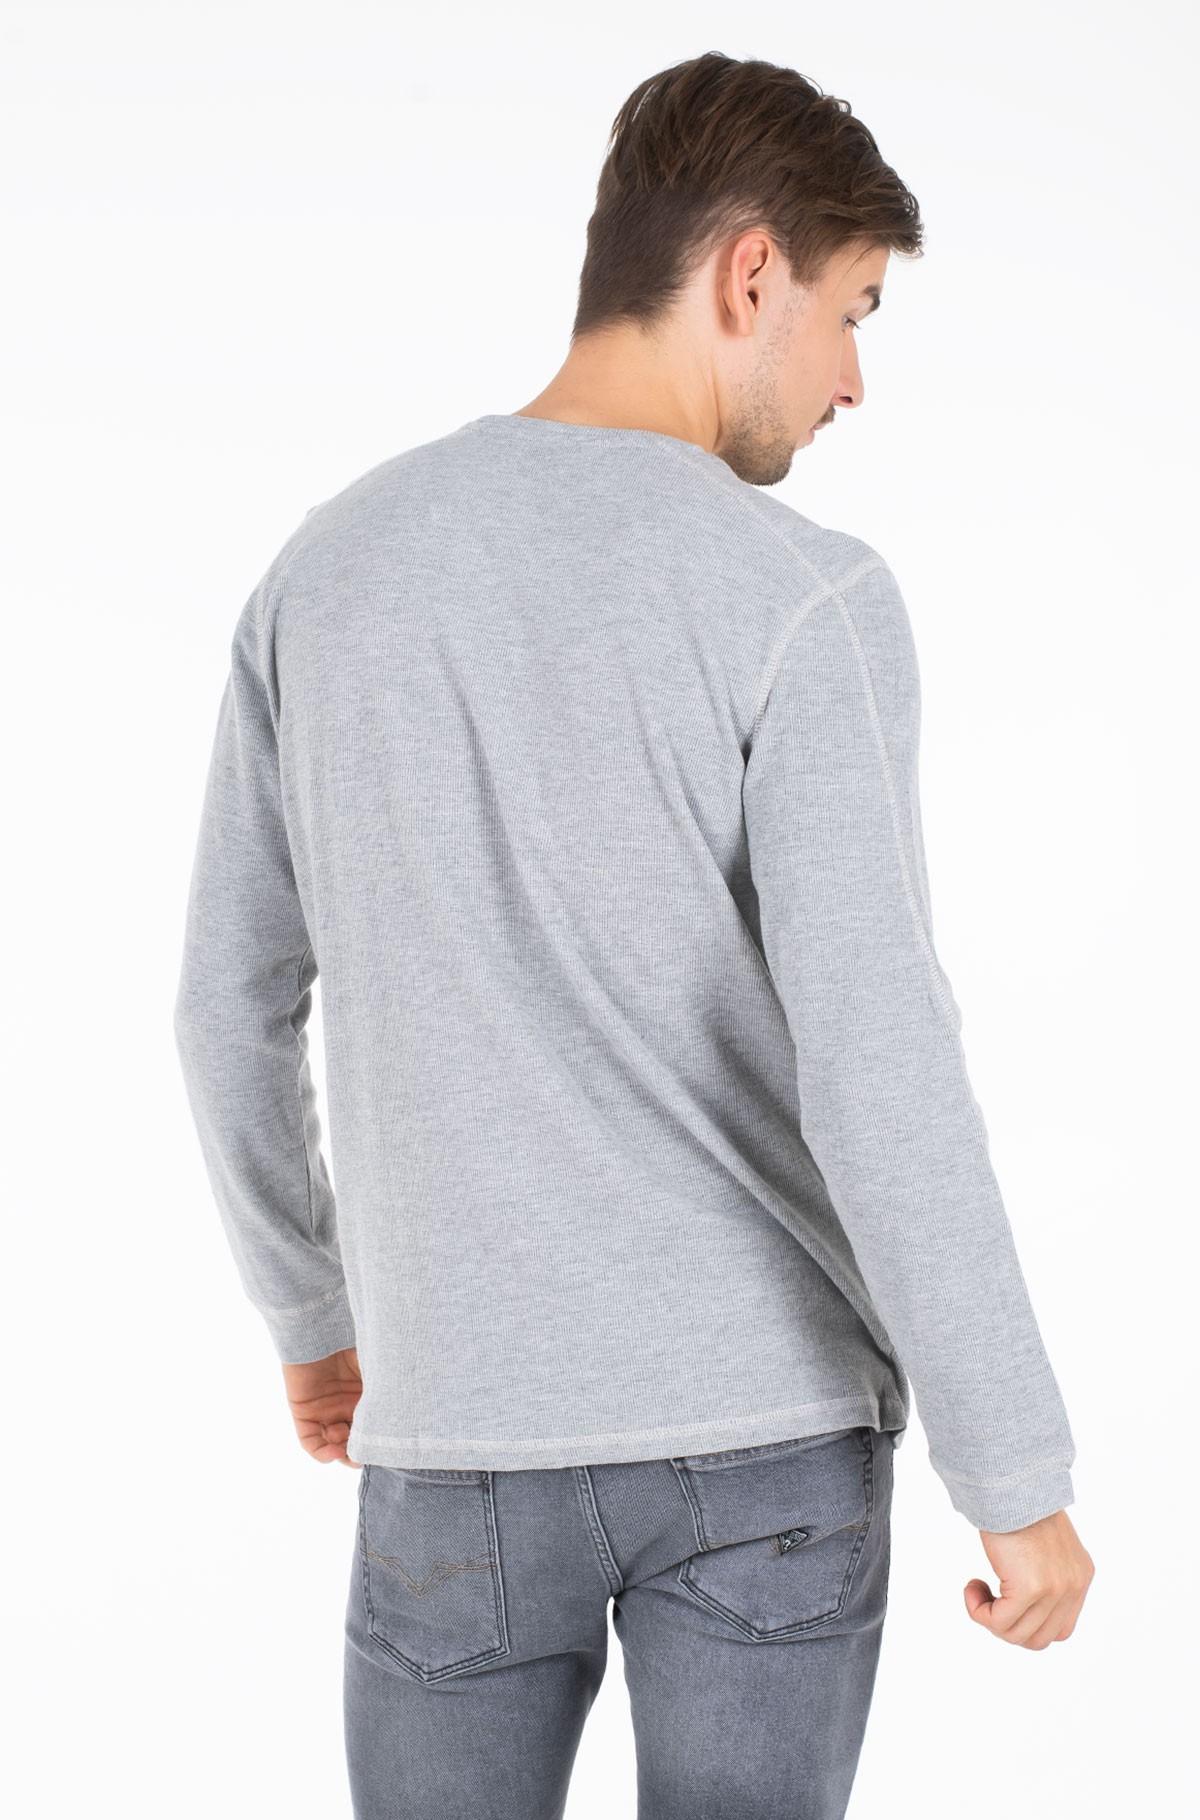 T-krekls ar garām piedurknēm  1014079-full-2